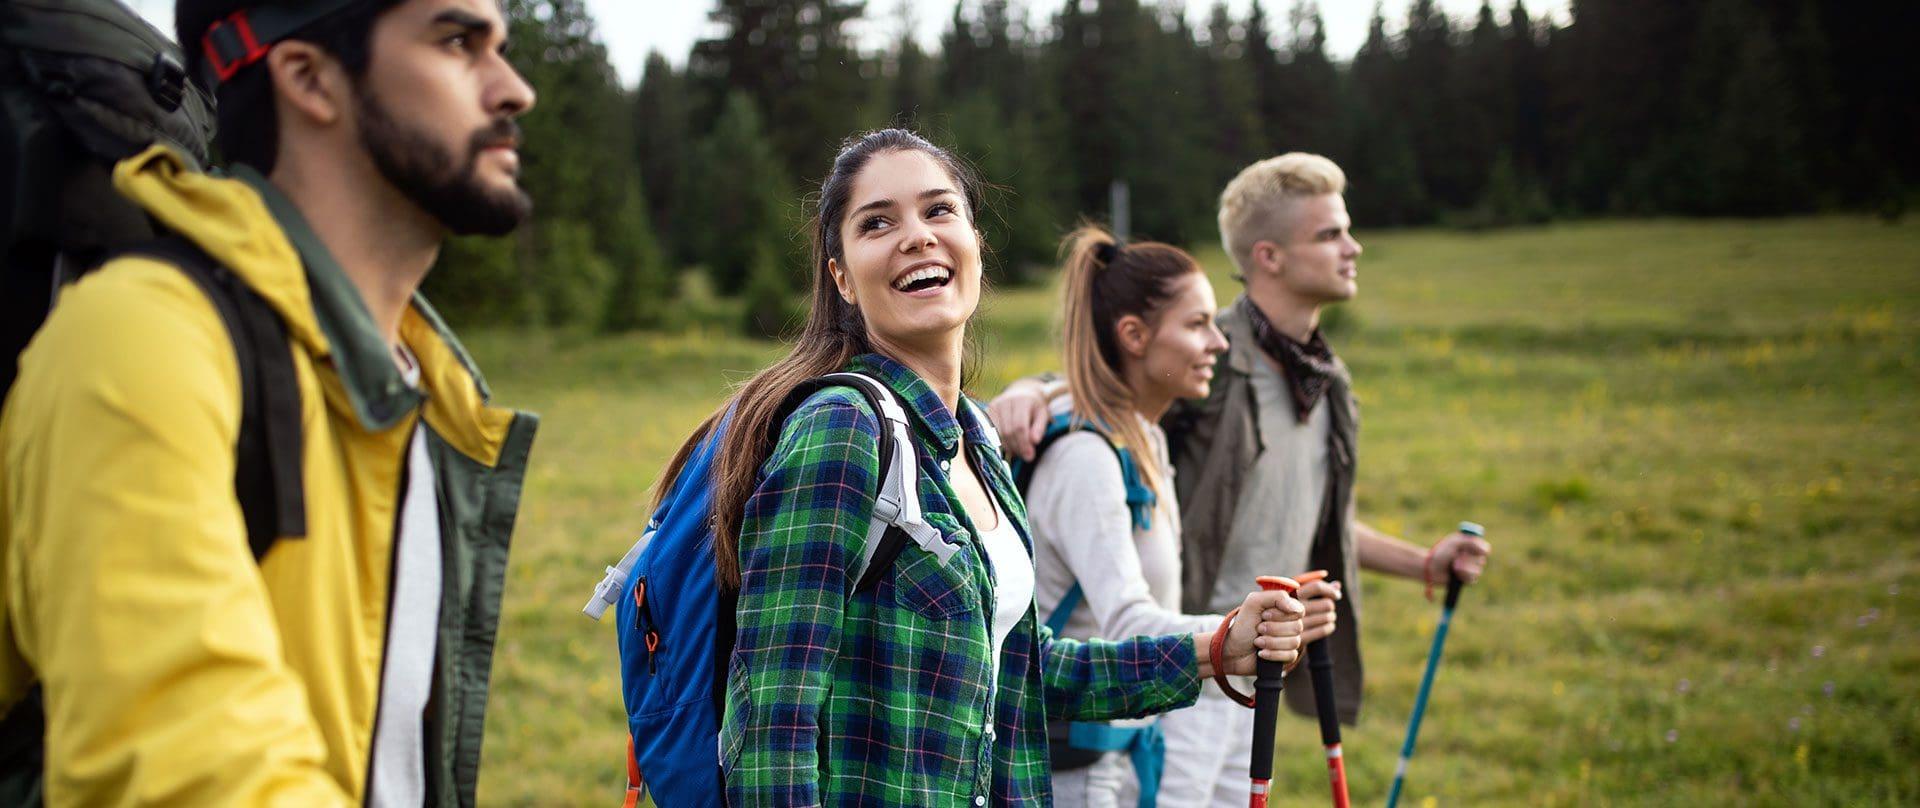 Aktivhotel in Österreich, Wochenprogramm